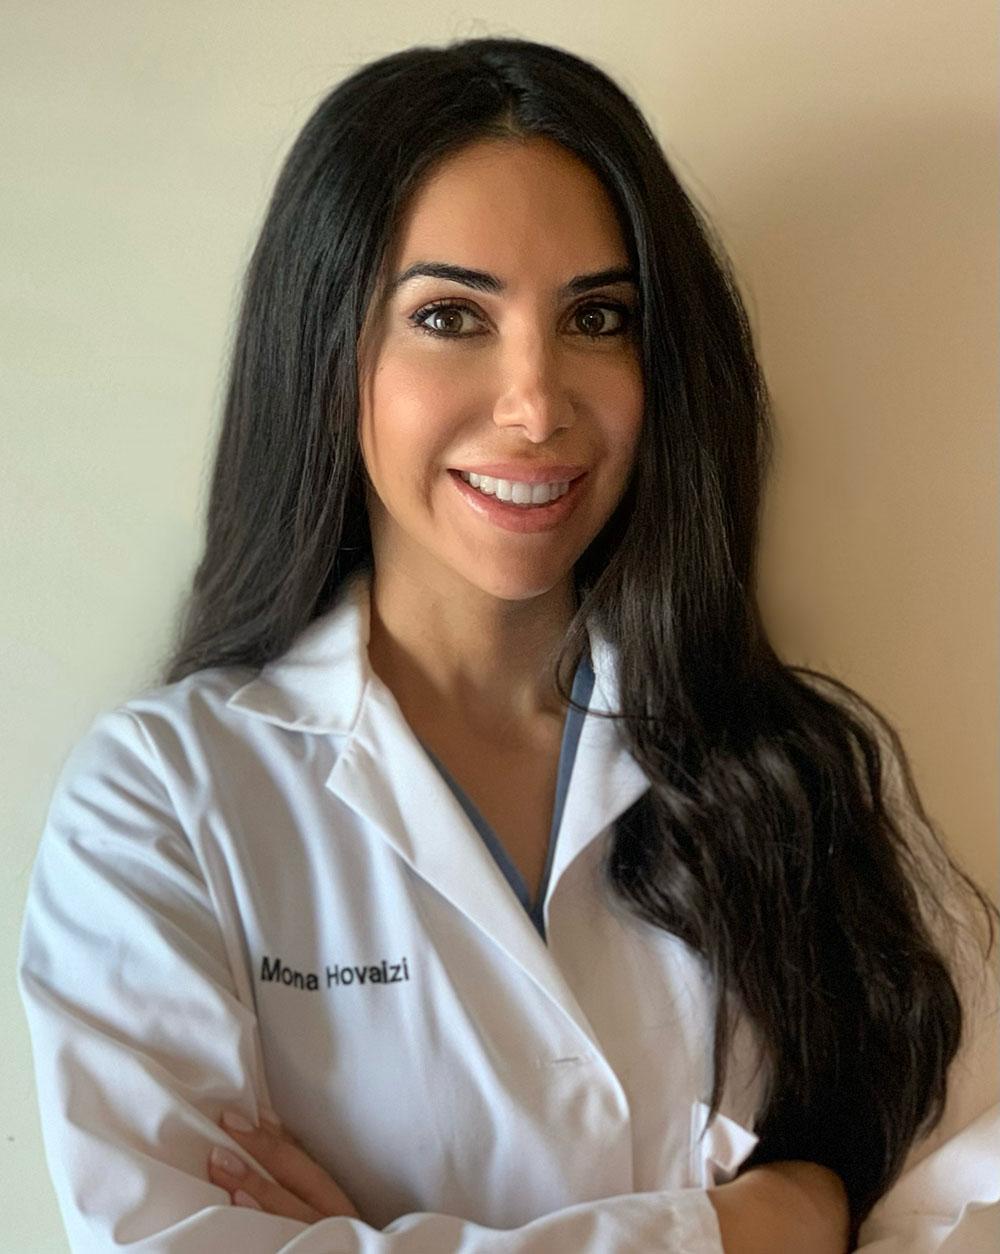 Dr. Mona Hovaizi - Dentist - Quincy, IL